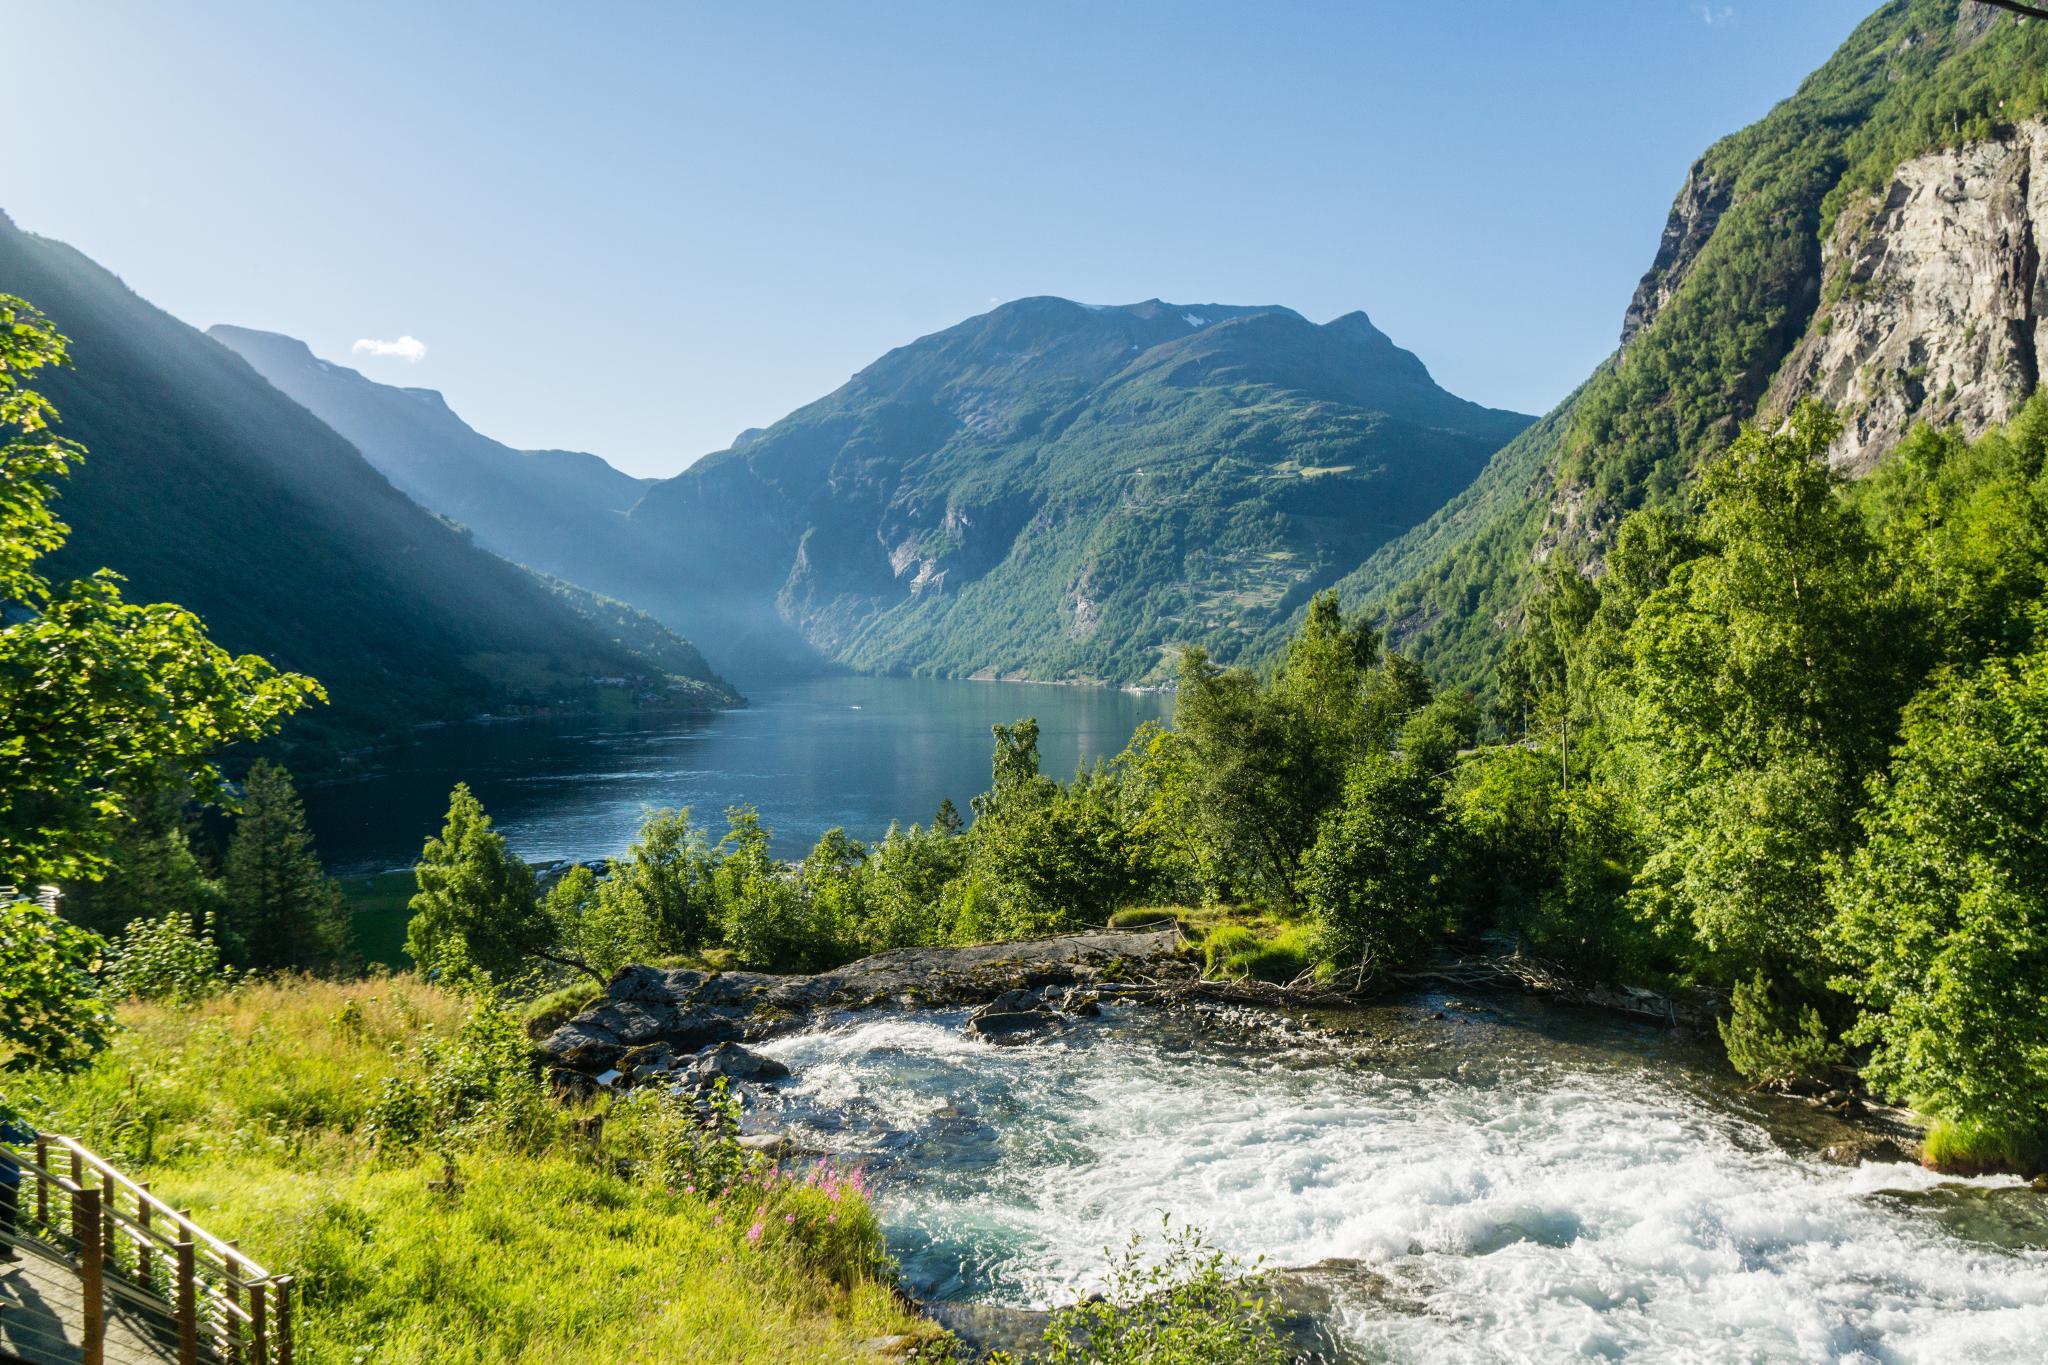 【北歐景點】Ørnesvingen 老鷹之路 ∣ 挪威世界遺產 — 蓋倫格峽灣景點總整理 30